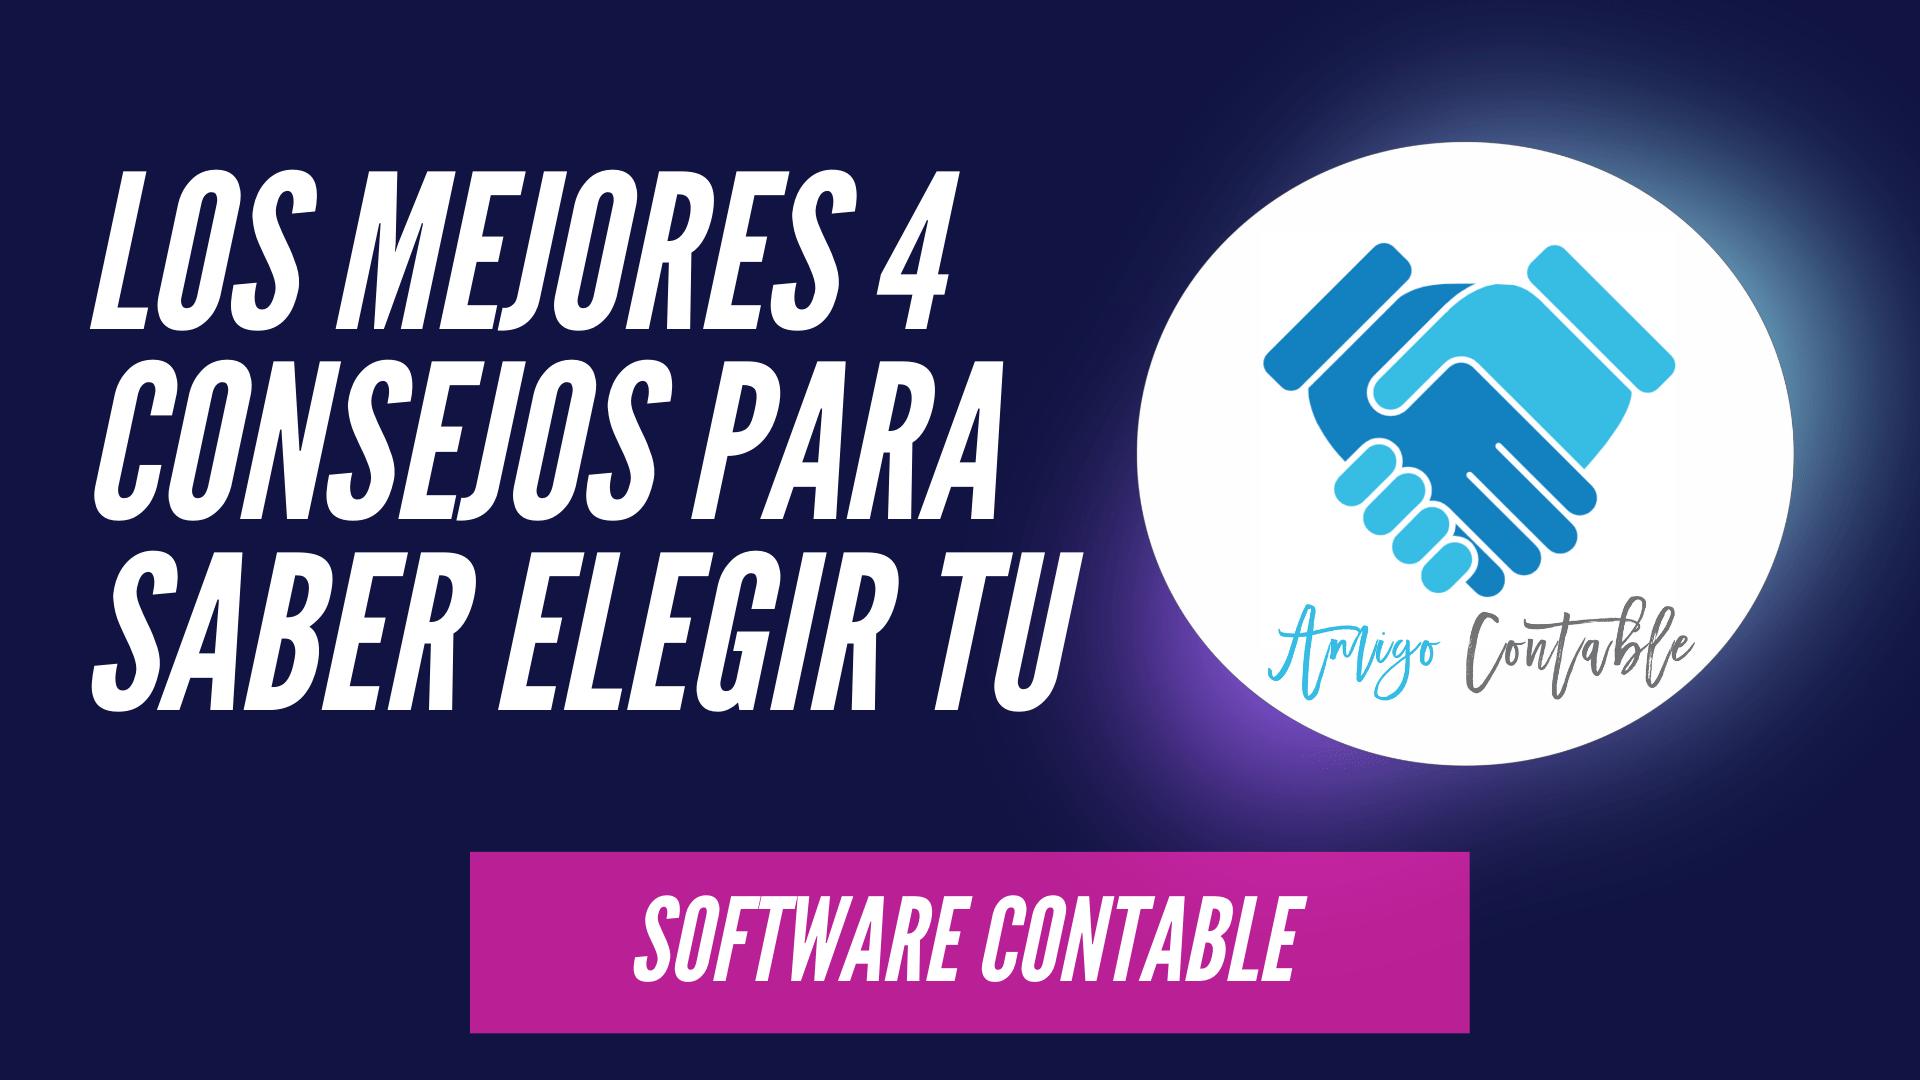 Software Contable | Los mejores 4 consejos para saber elegir